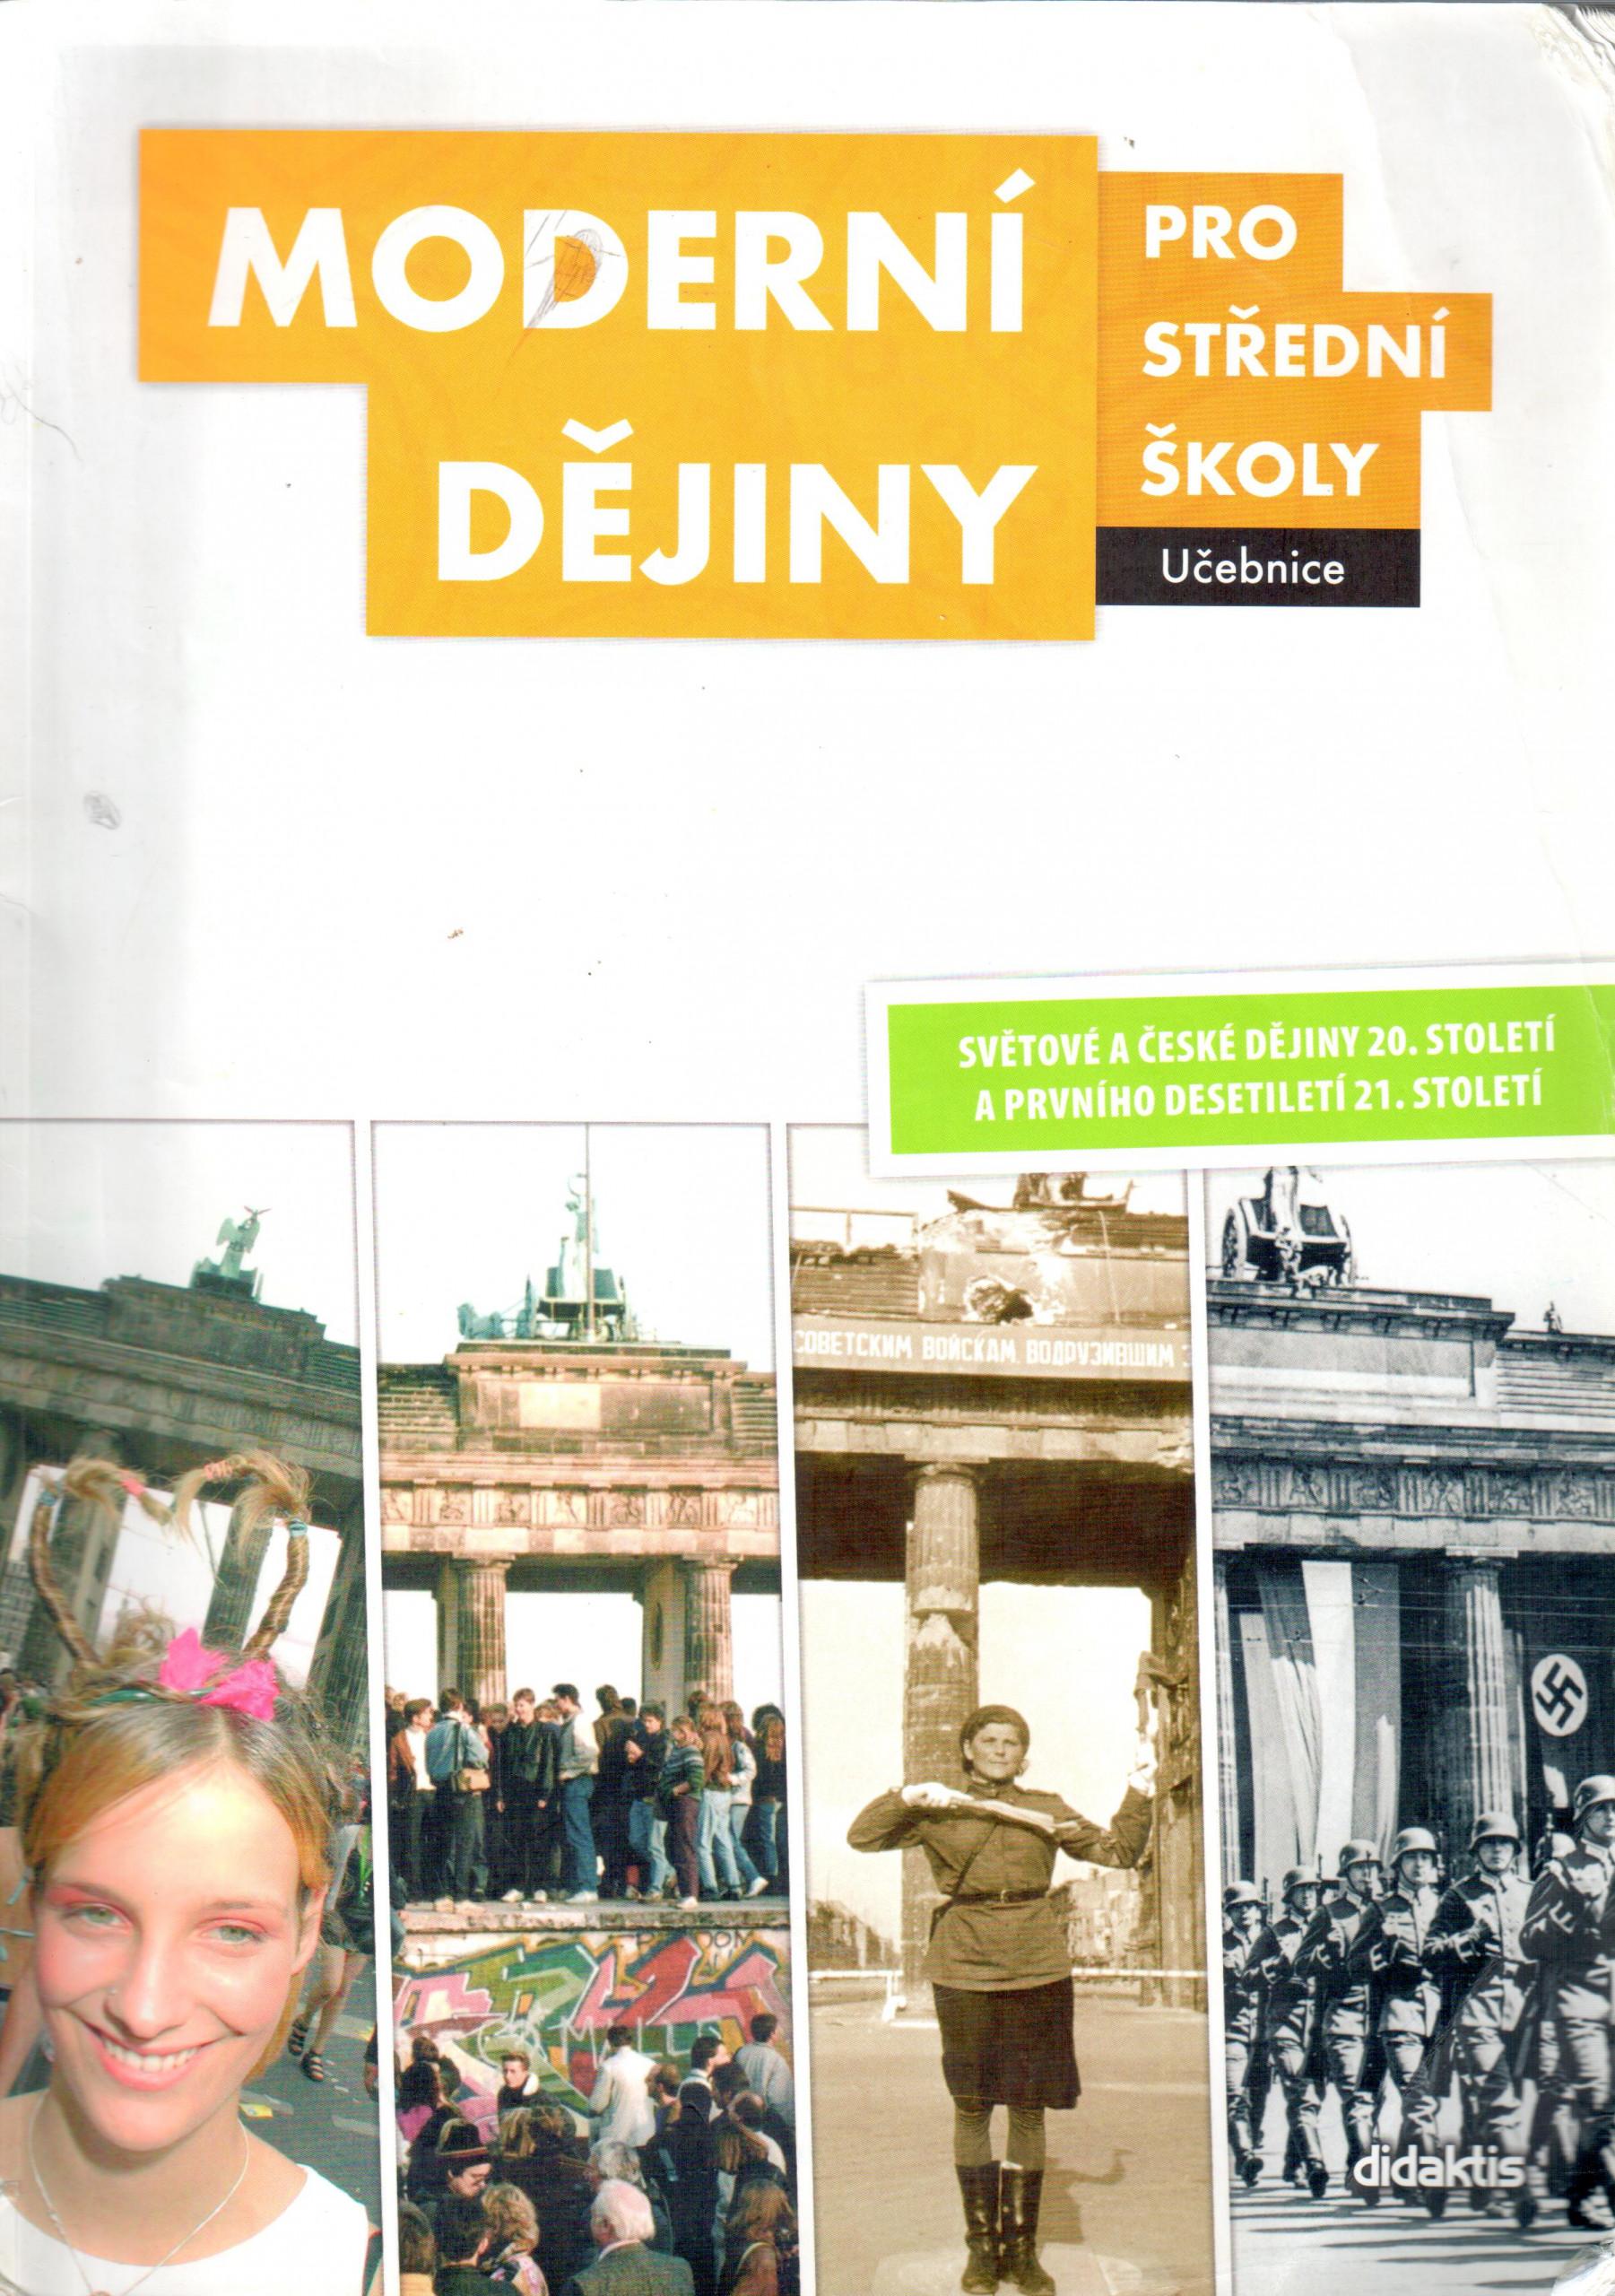 Moderní dějiny pro střední školy (učebnice) - Náhled učebnice